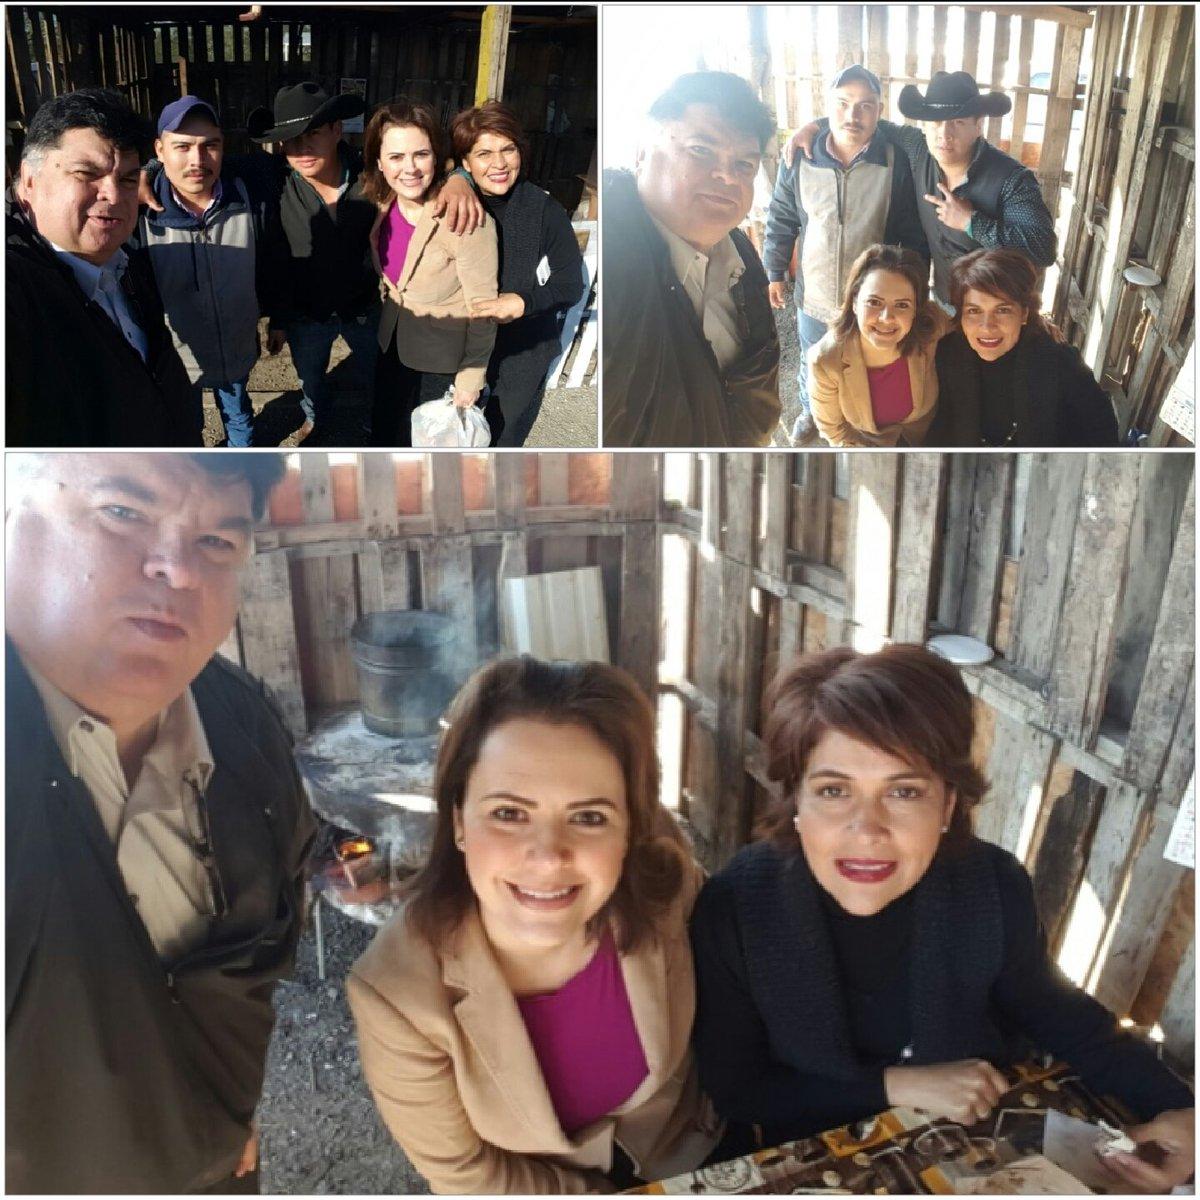 Rumbo #Monclova y #Saltillo nos paramos a comer tacos de carnitas en  carretera comunidad San Carlos @HildaFloresE https://t.co/QCe5KuBuZs